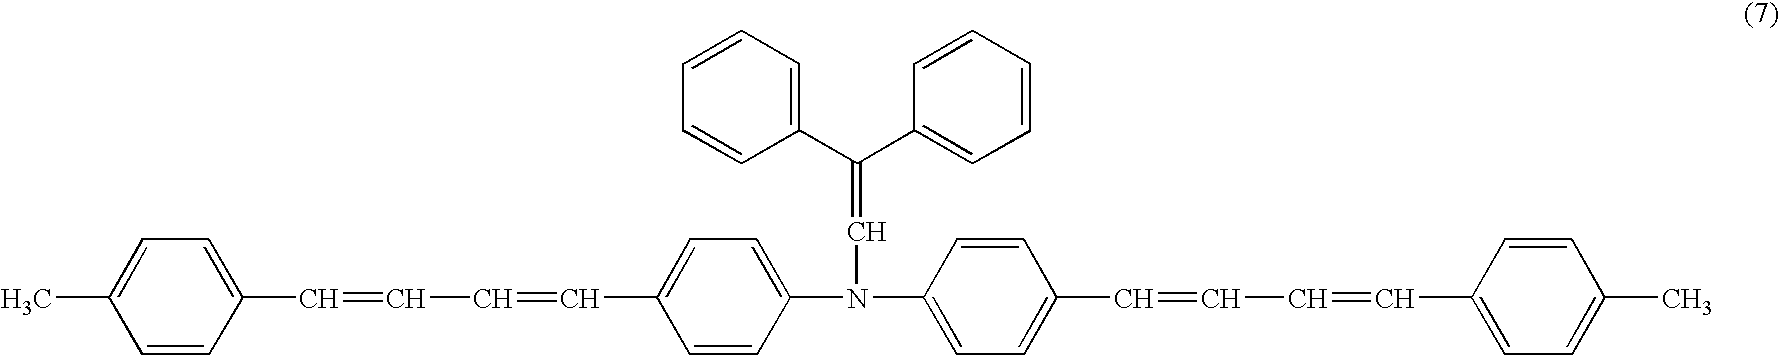 Figure US07615326-20091110-C00010